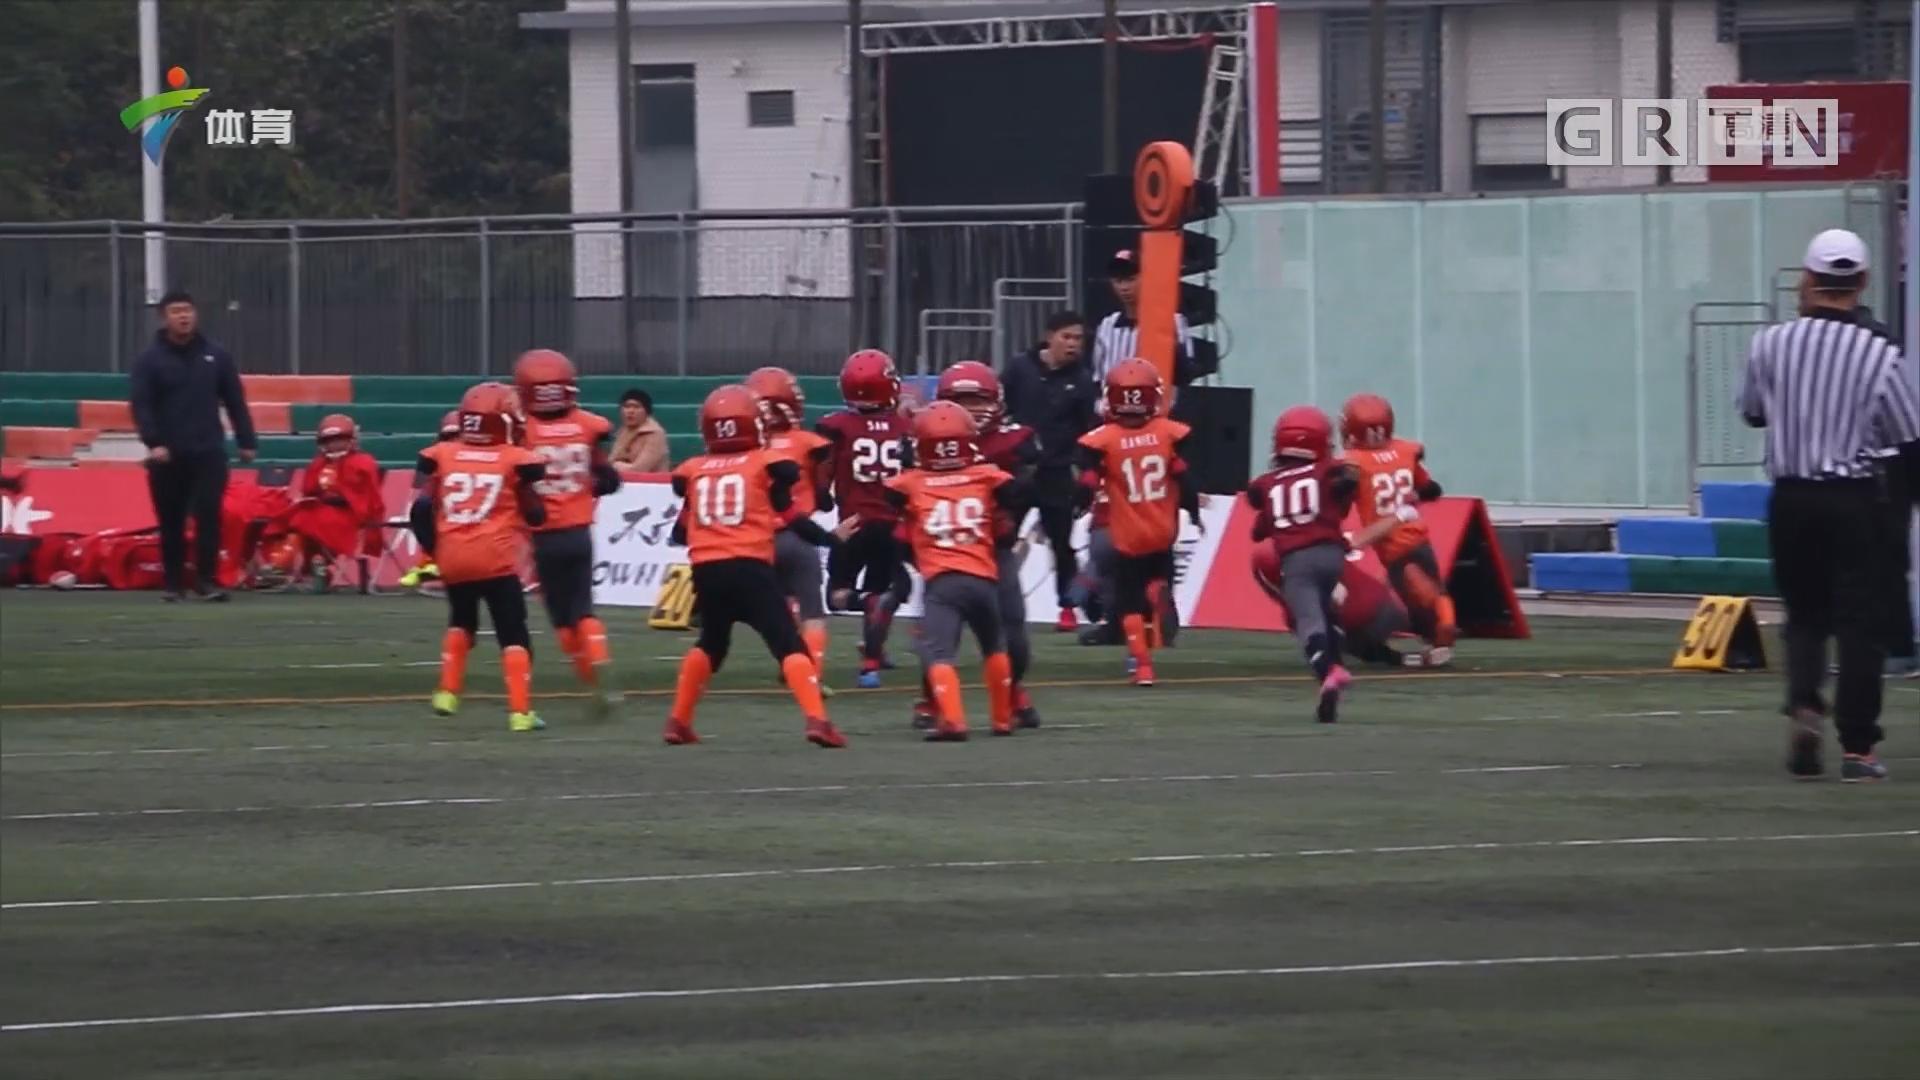 积极勇敢 橄榄球助青少年健康发展